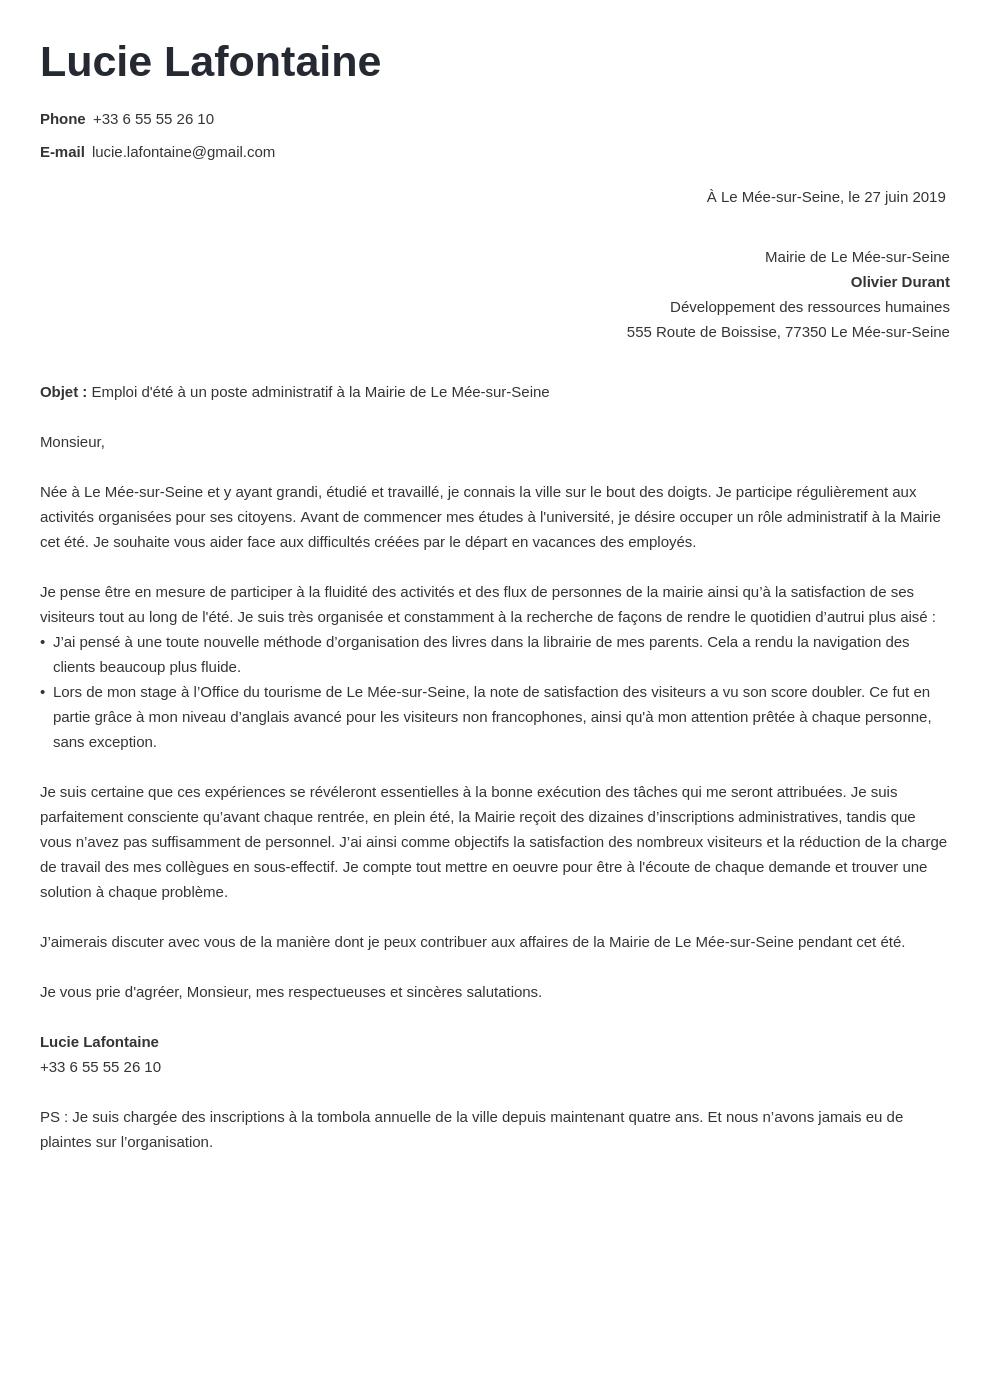 Lettre De Motivation Job D Ete Caissiere Modele De Lettre